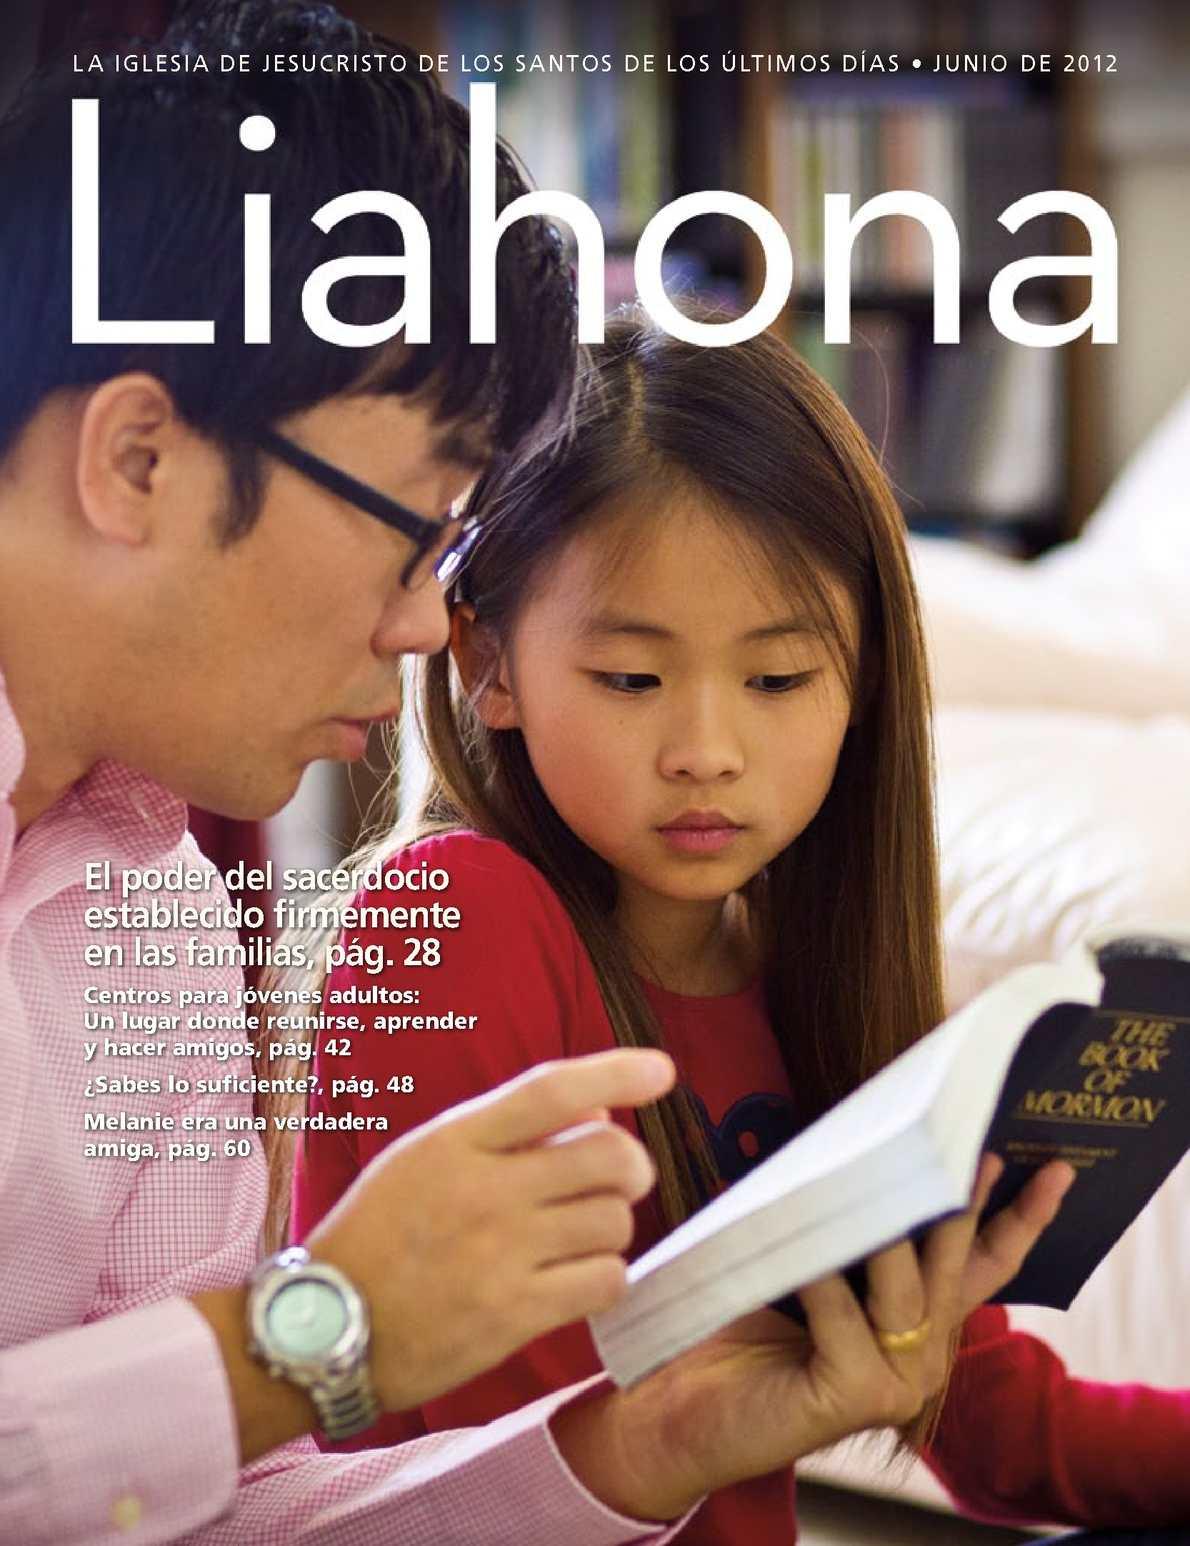 Calaméo - LIAHONA LDS JUNIO 2012